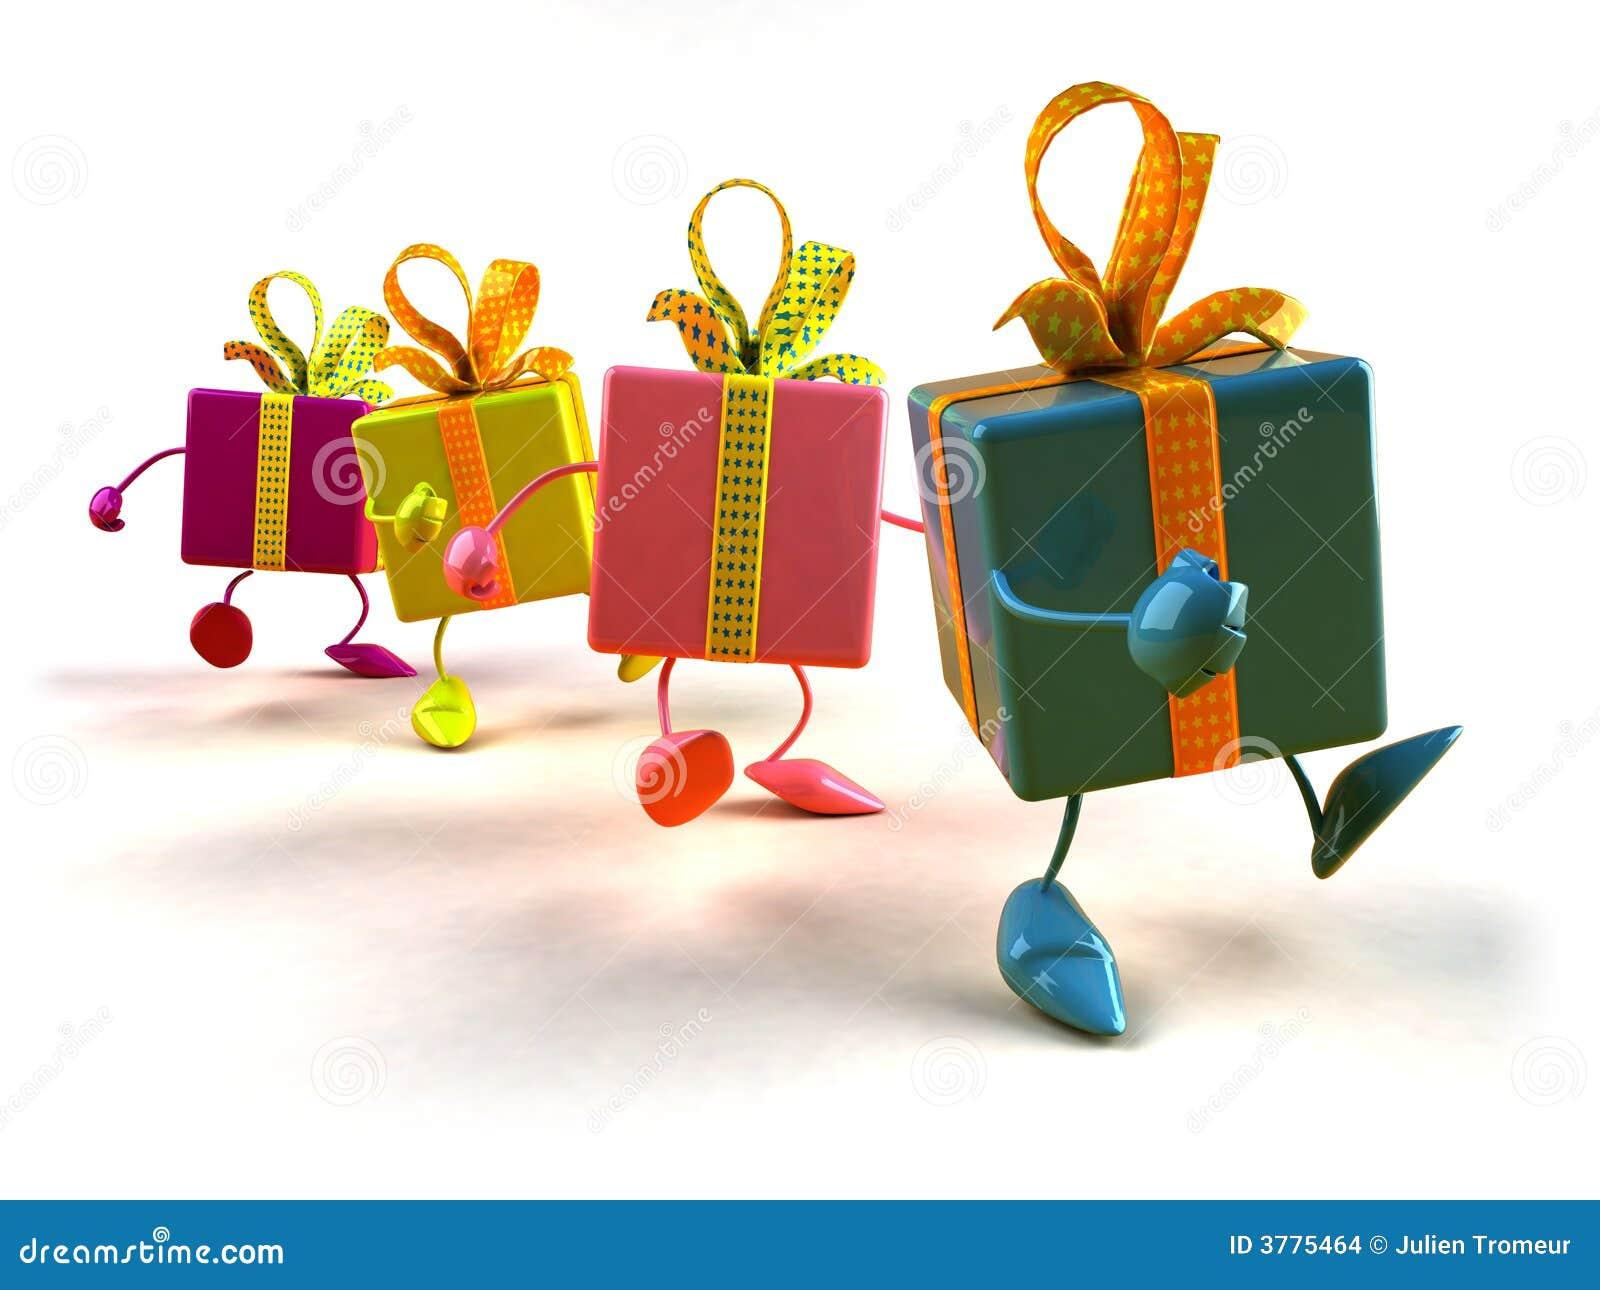 Что за подарки дарит банк югра